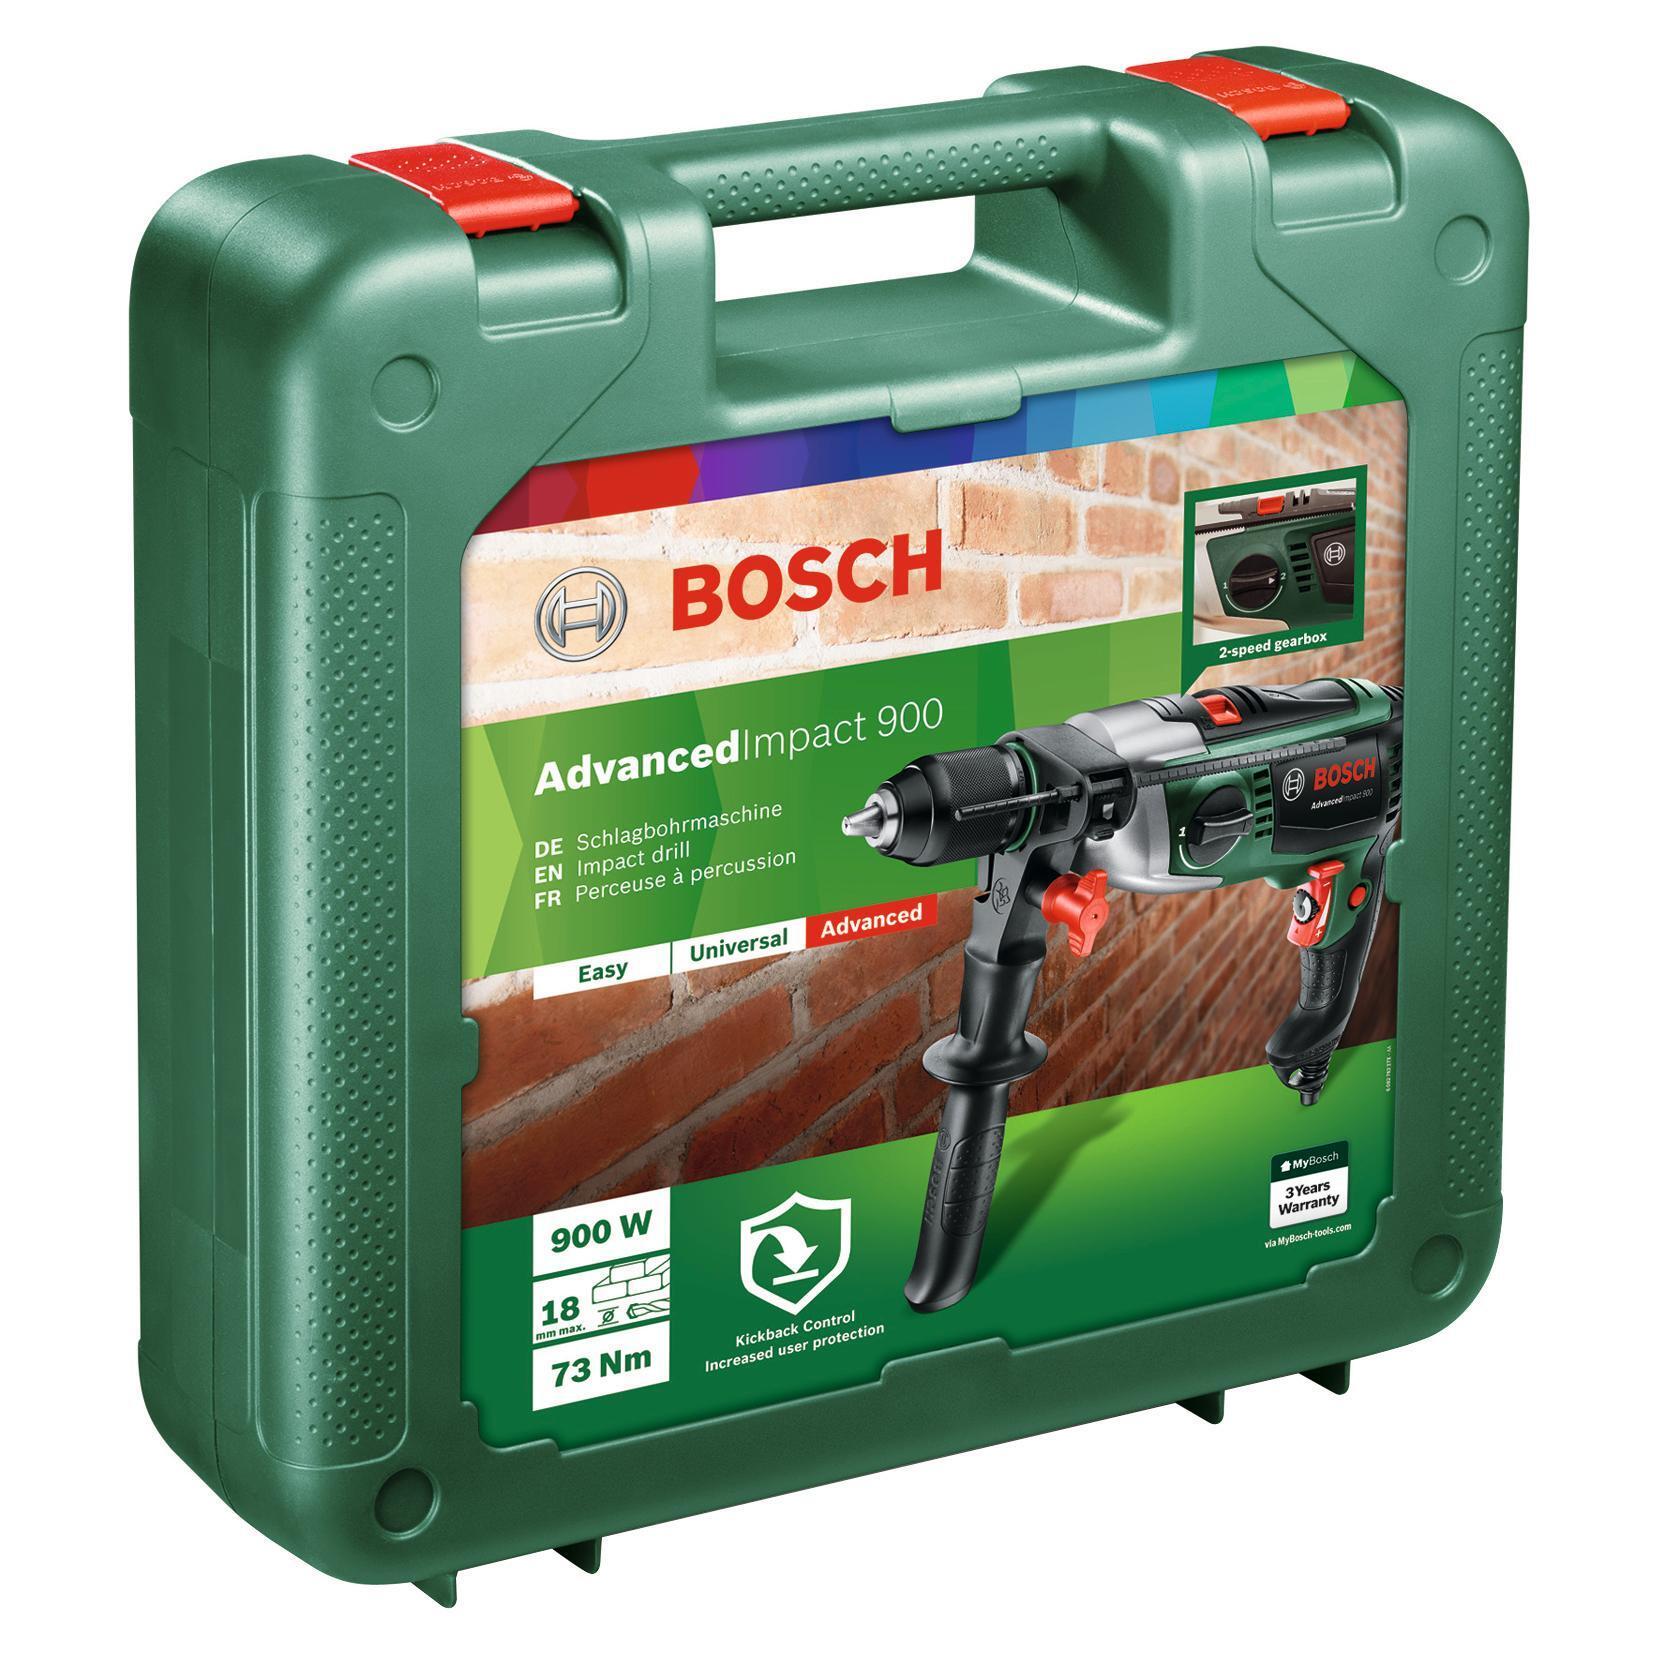 Trapano a percussione BOSCH Advanced impact 900 900 W - 5